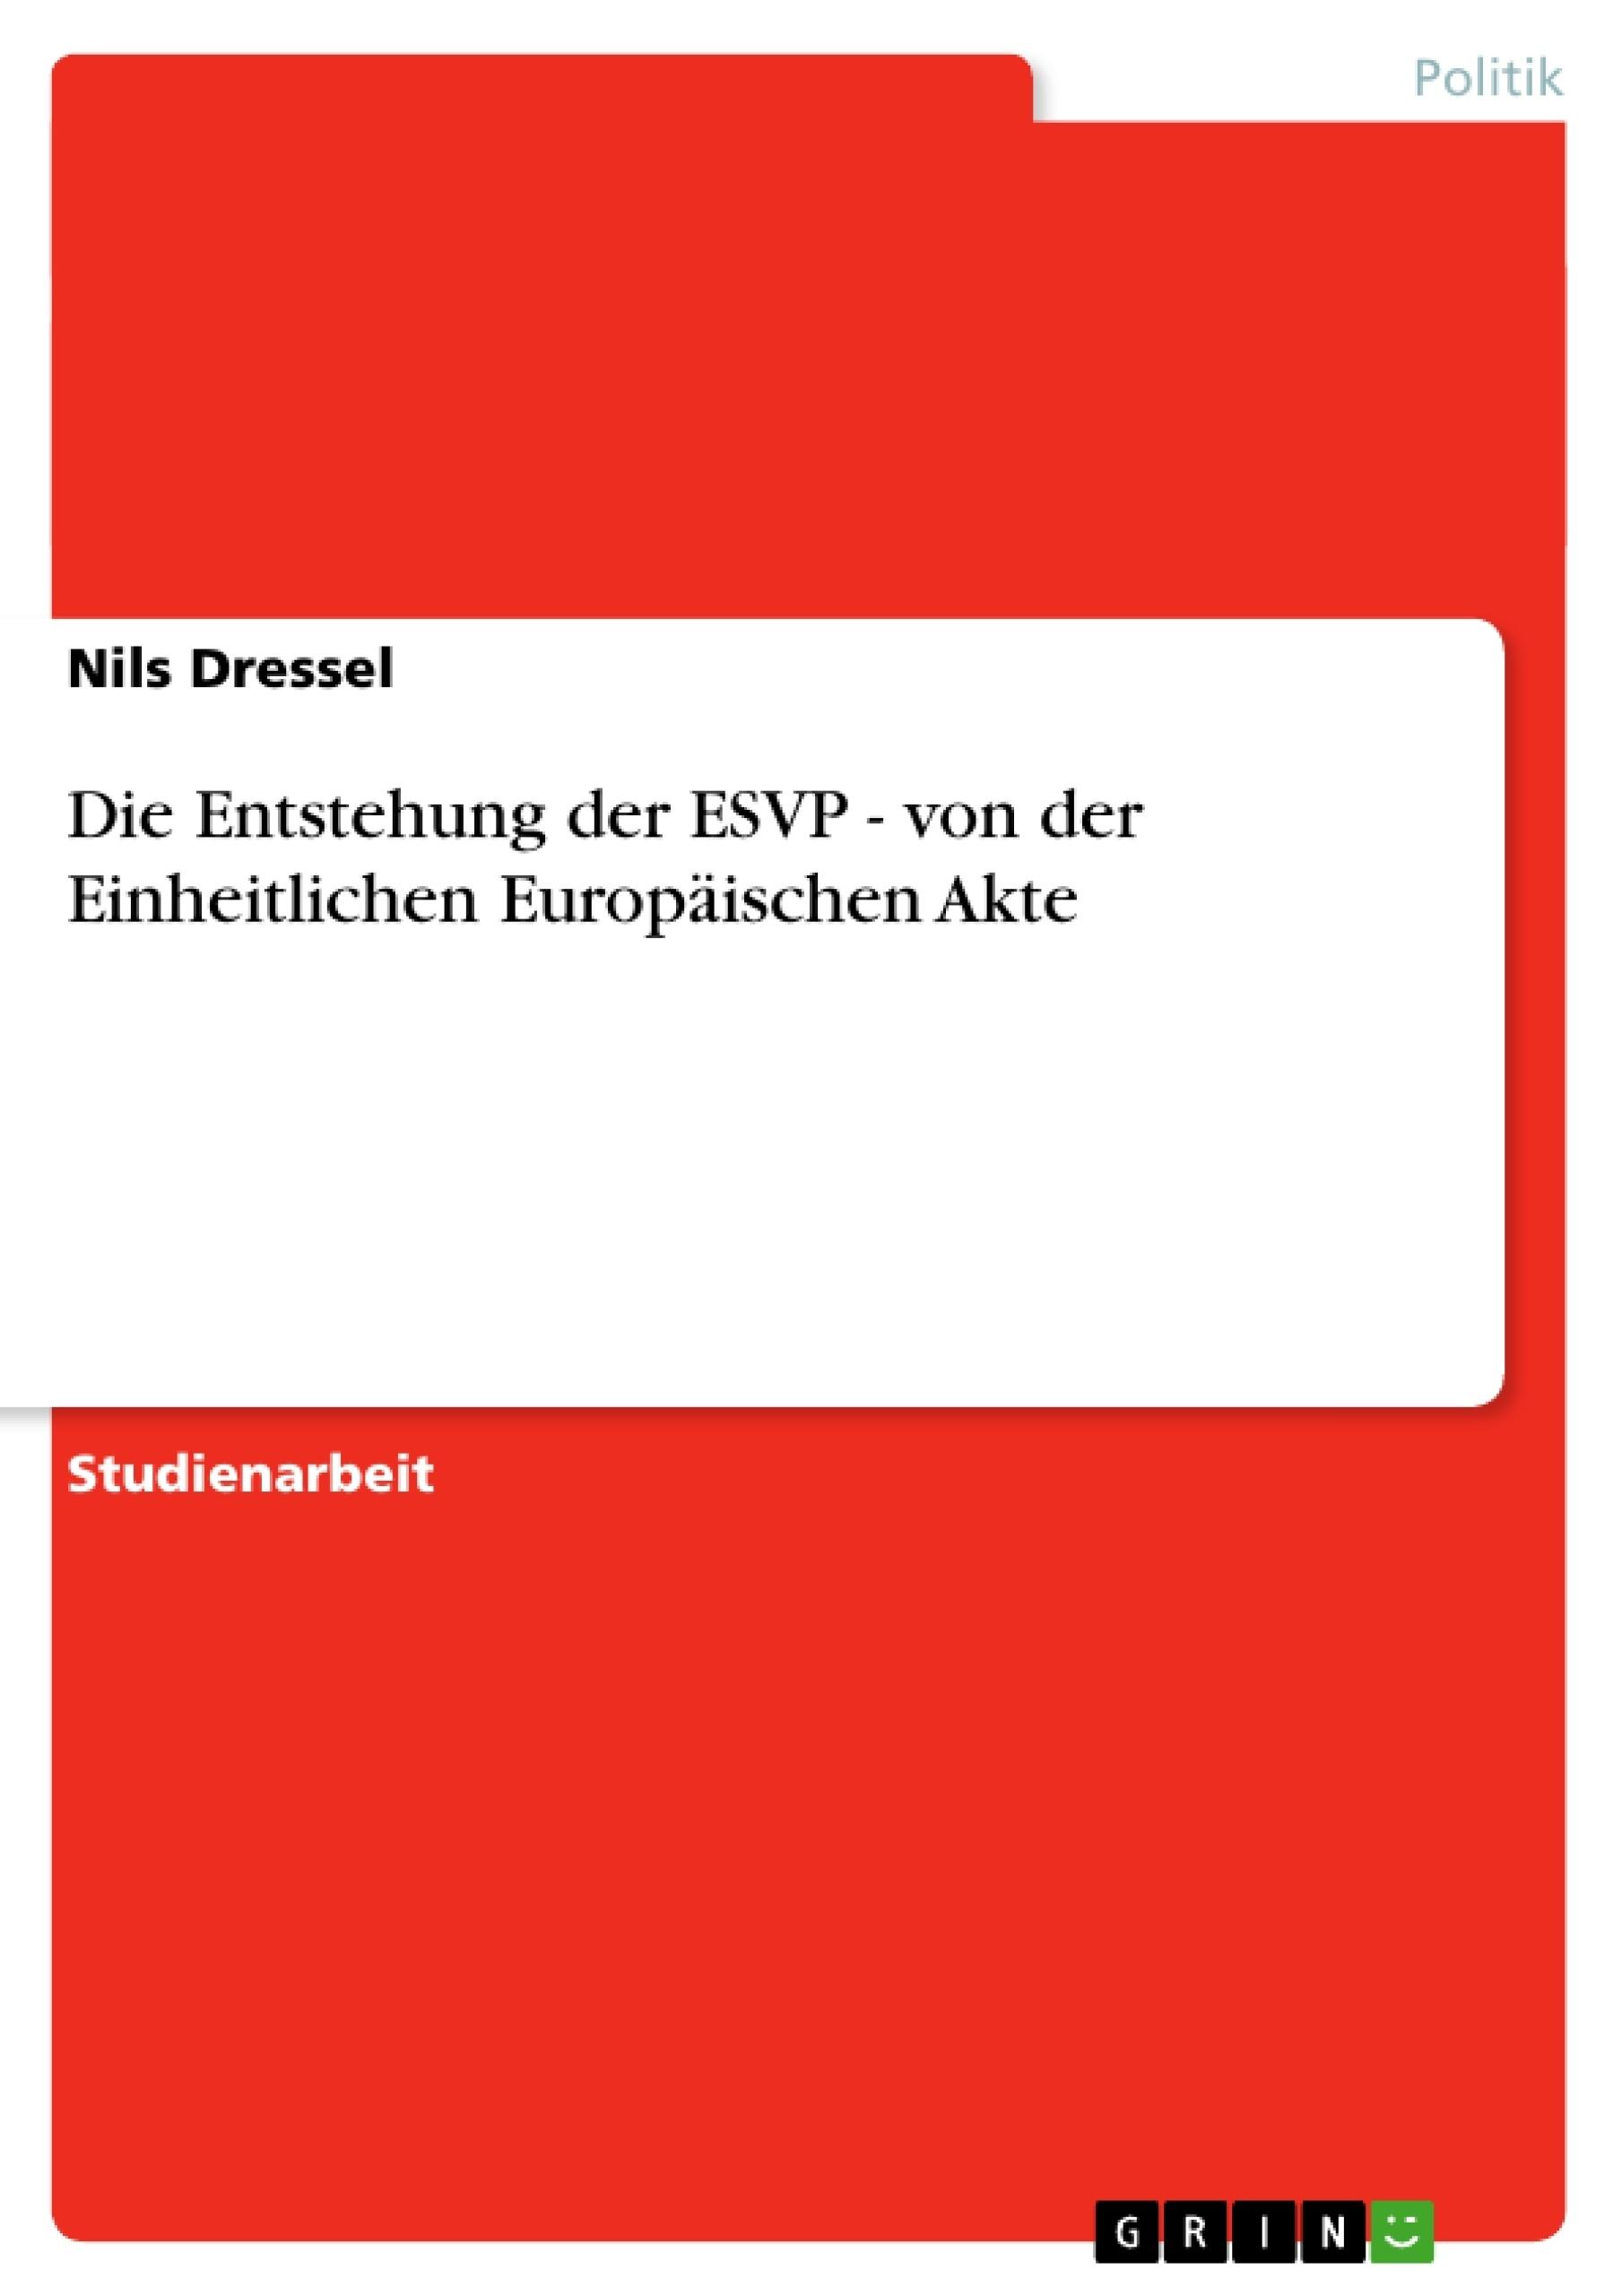 Titel: Die Entstehung der ESVP - von der Einheitlichen Europäischen Akte